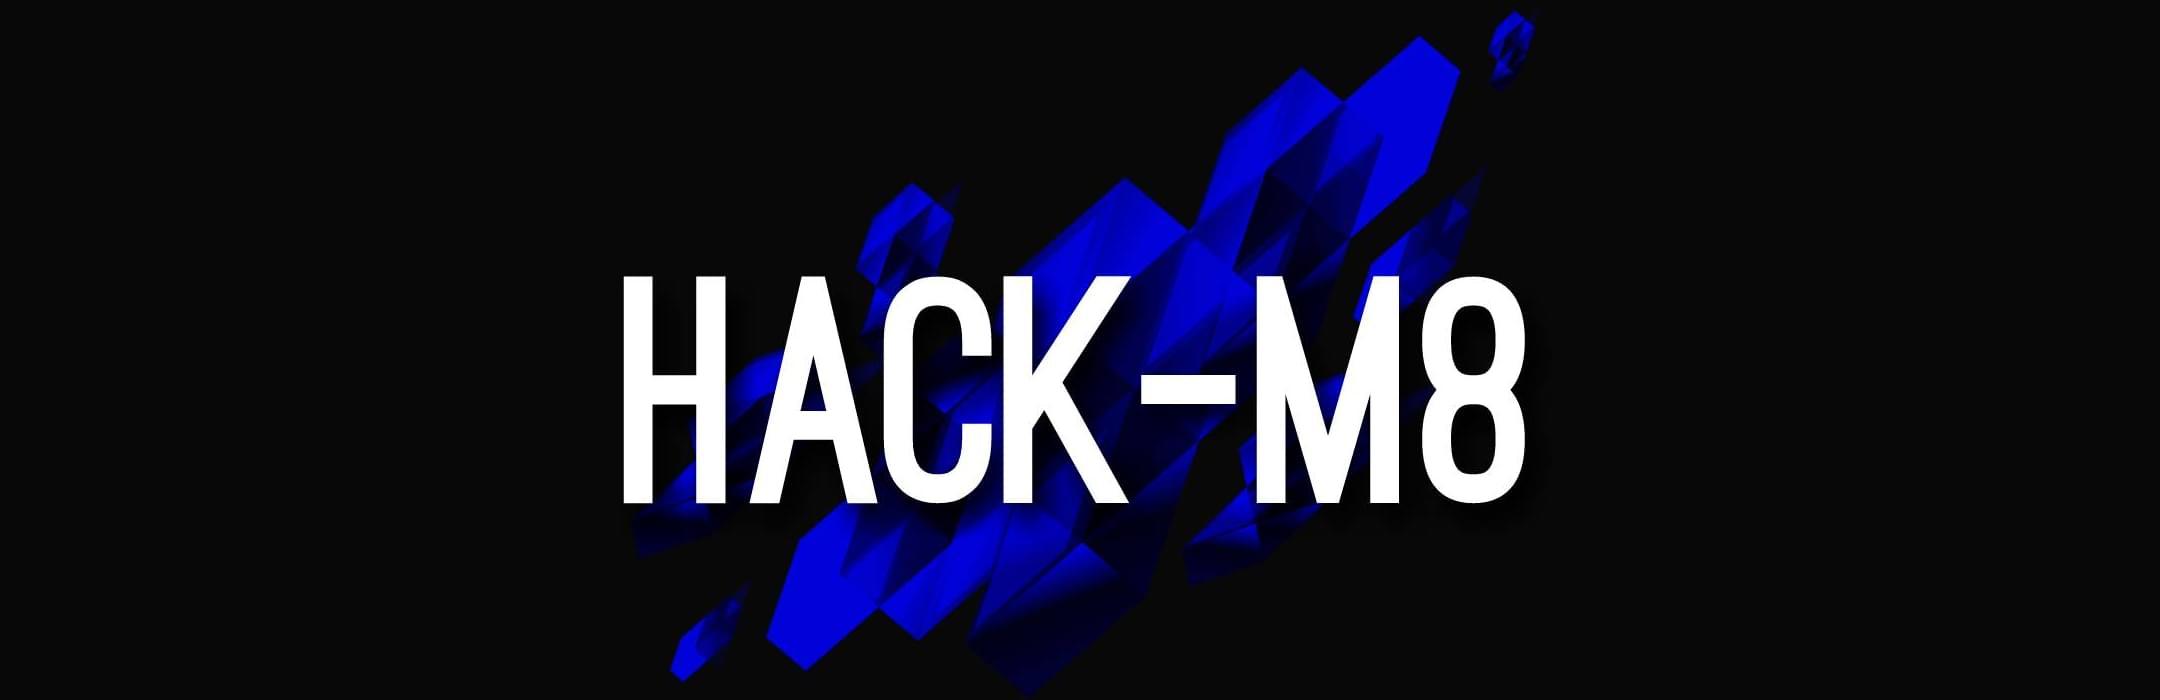 Hack-M8